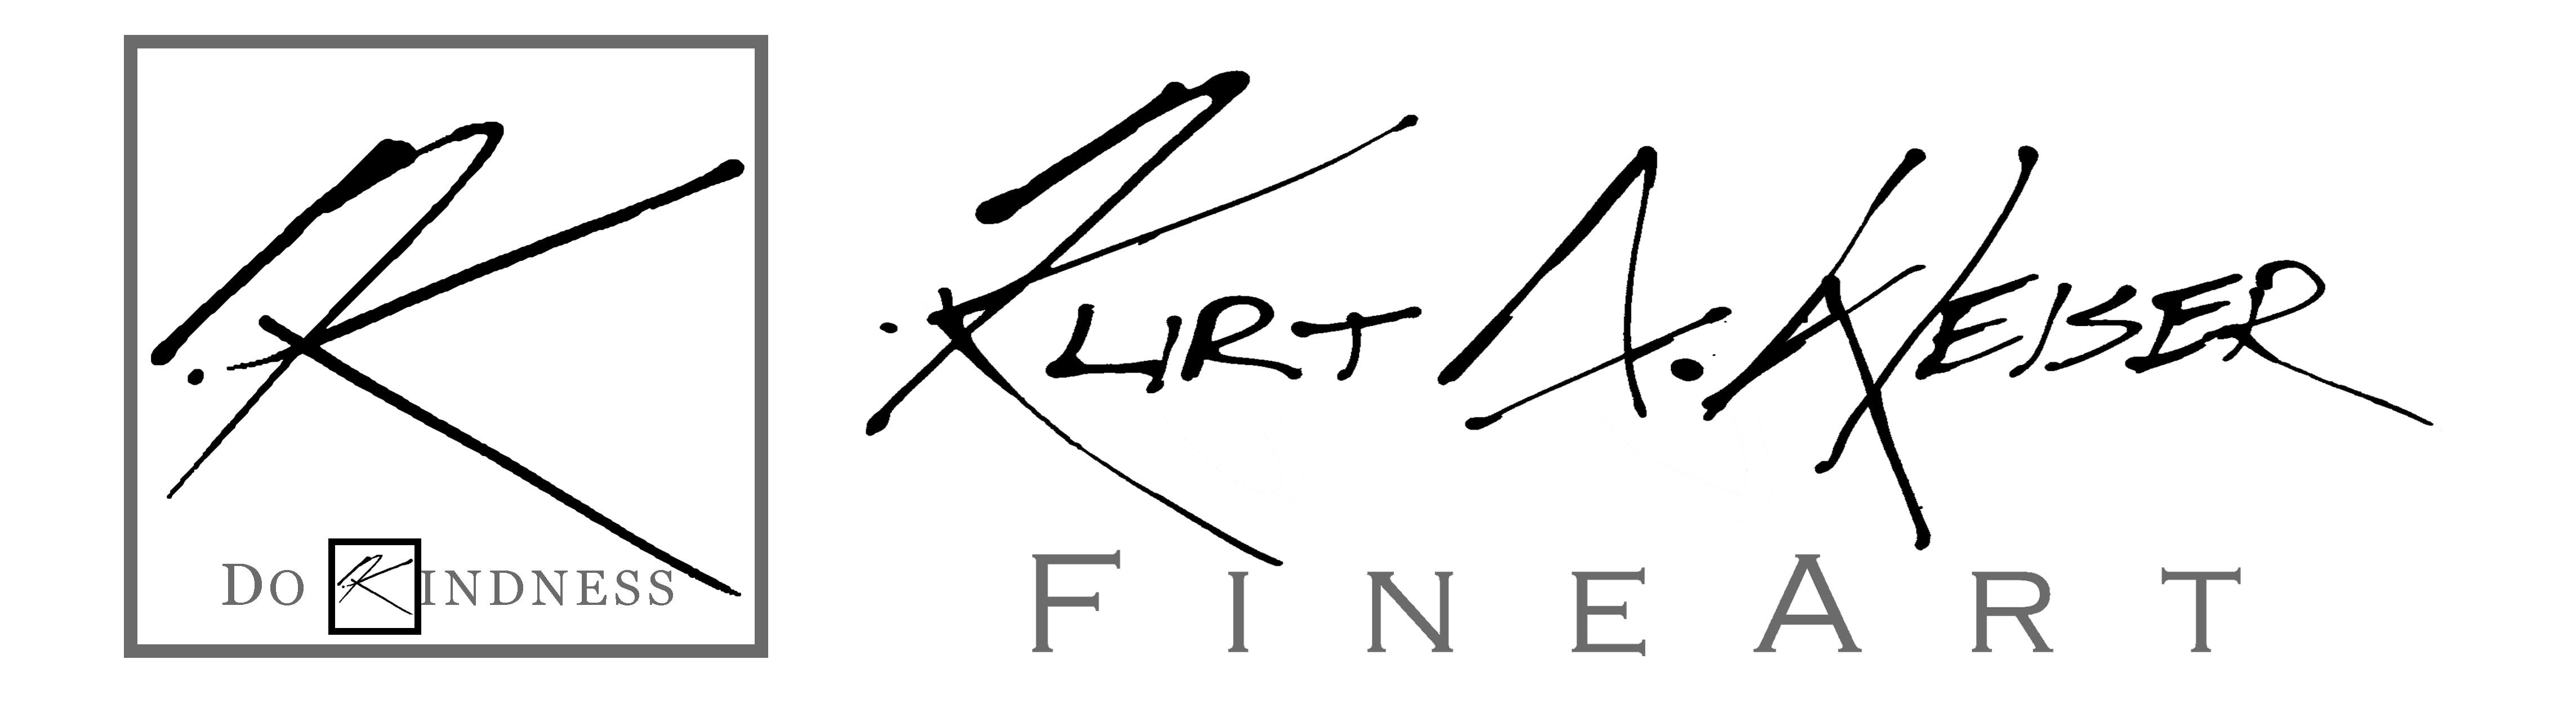 KURT A. WEISER FINE ART